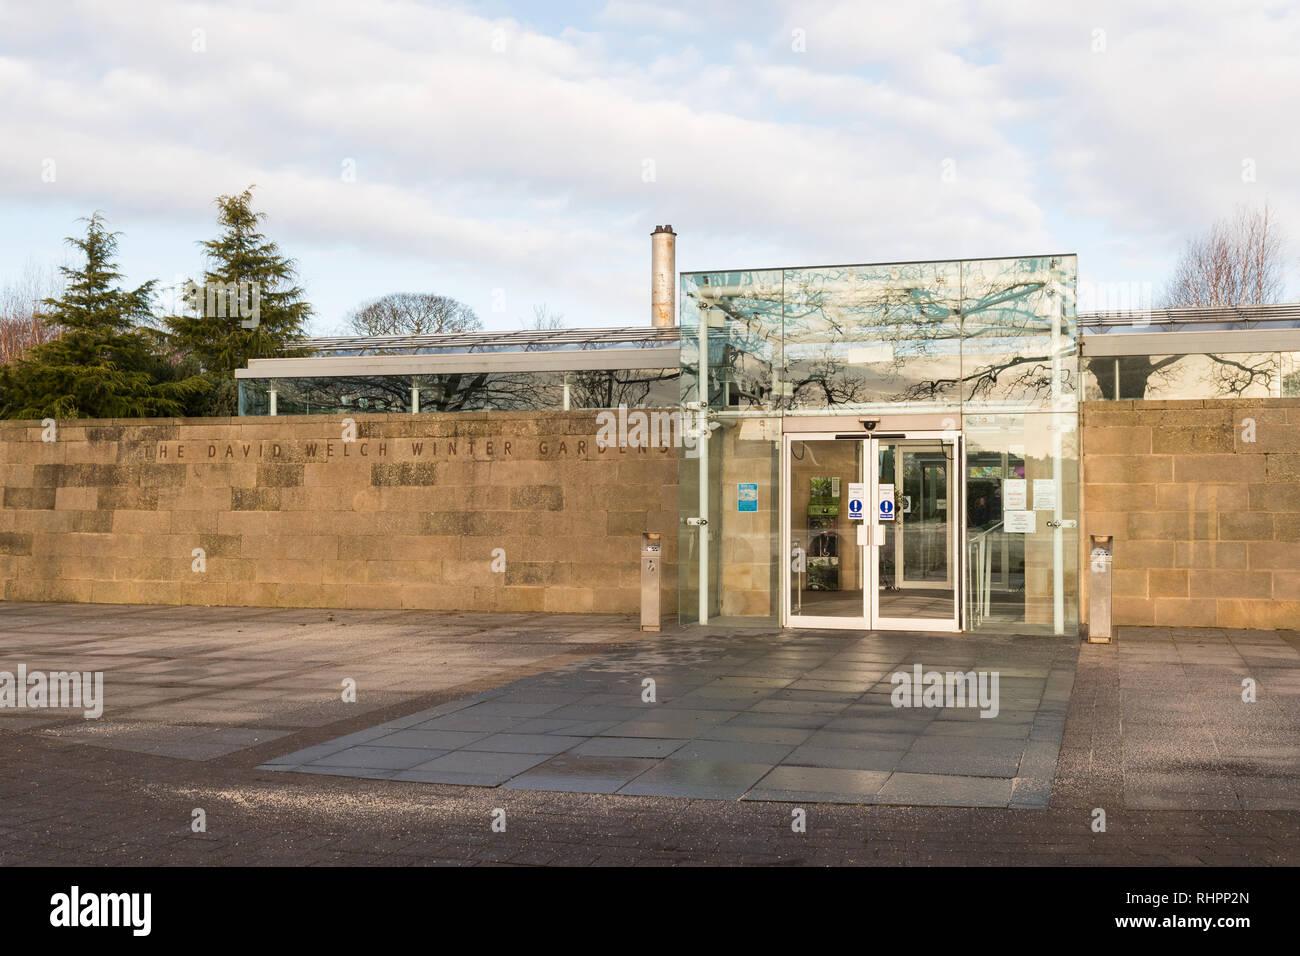 David Welch Winter Gardens, Duthie Park, Aberdeen, Scotland, UK - Stock Image